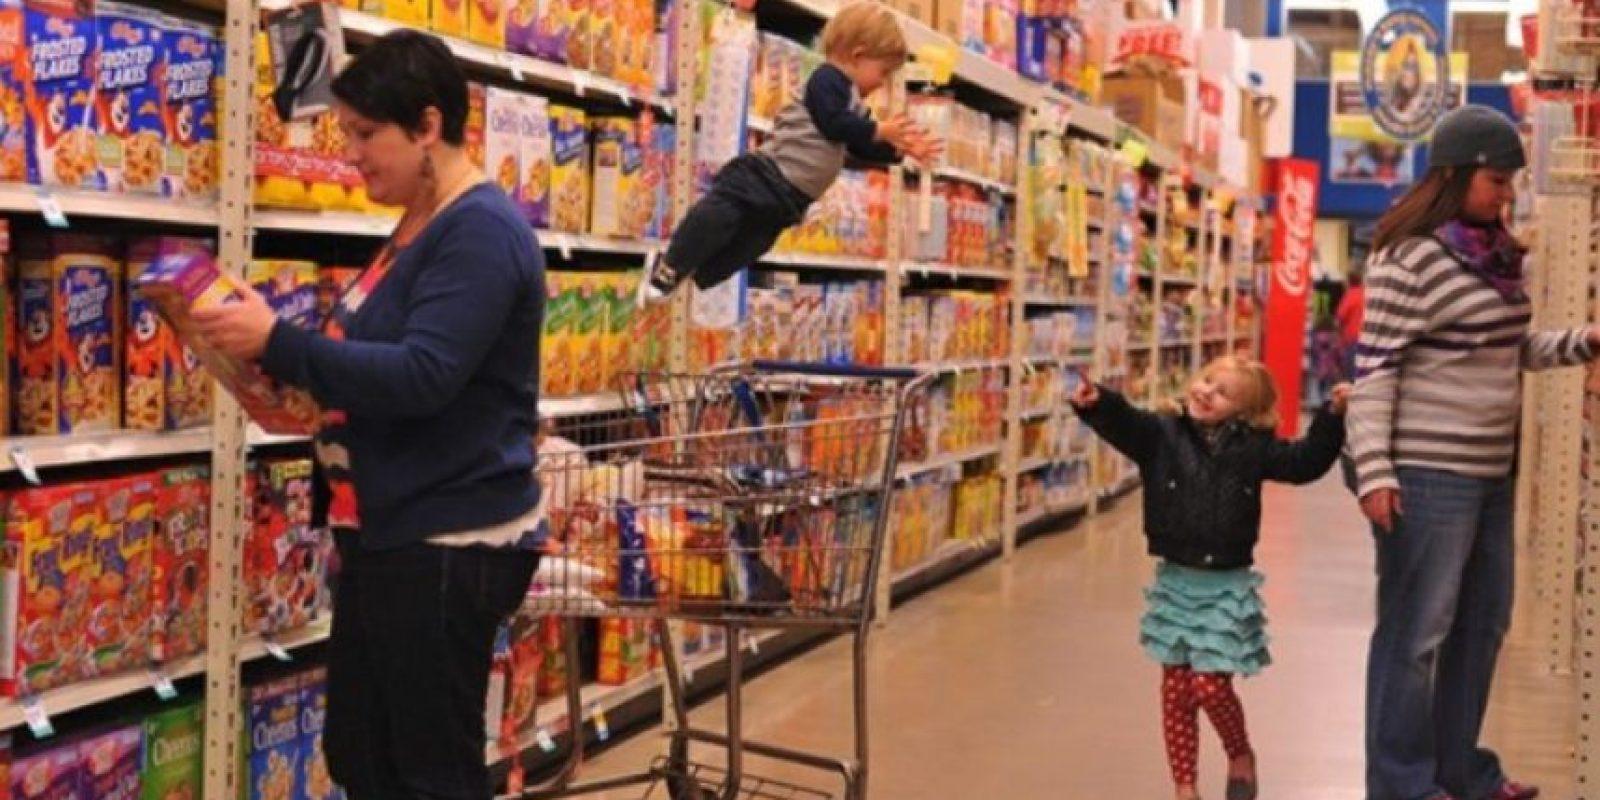 """""""Mi esposa y yo teníamos cuatro hijos increíbles y nos emocionó darnos cuenta de que nuestro quinto niño fue bendecido con la habilidad de volar. Su nombre es Wil y ha cambiado nuestras vidas"""", esa es la forma en que el mayor de los Lawrence describe en a su pequeño y a su familia. Foto: thatdadblog.com"""